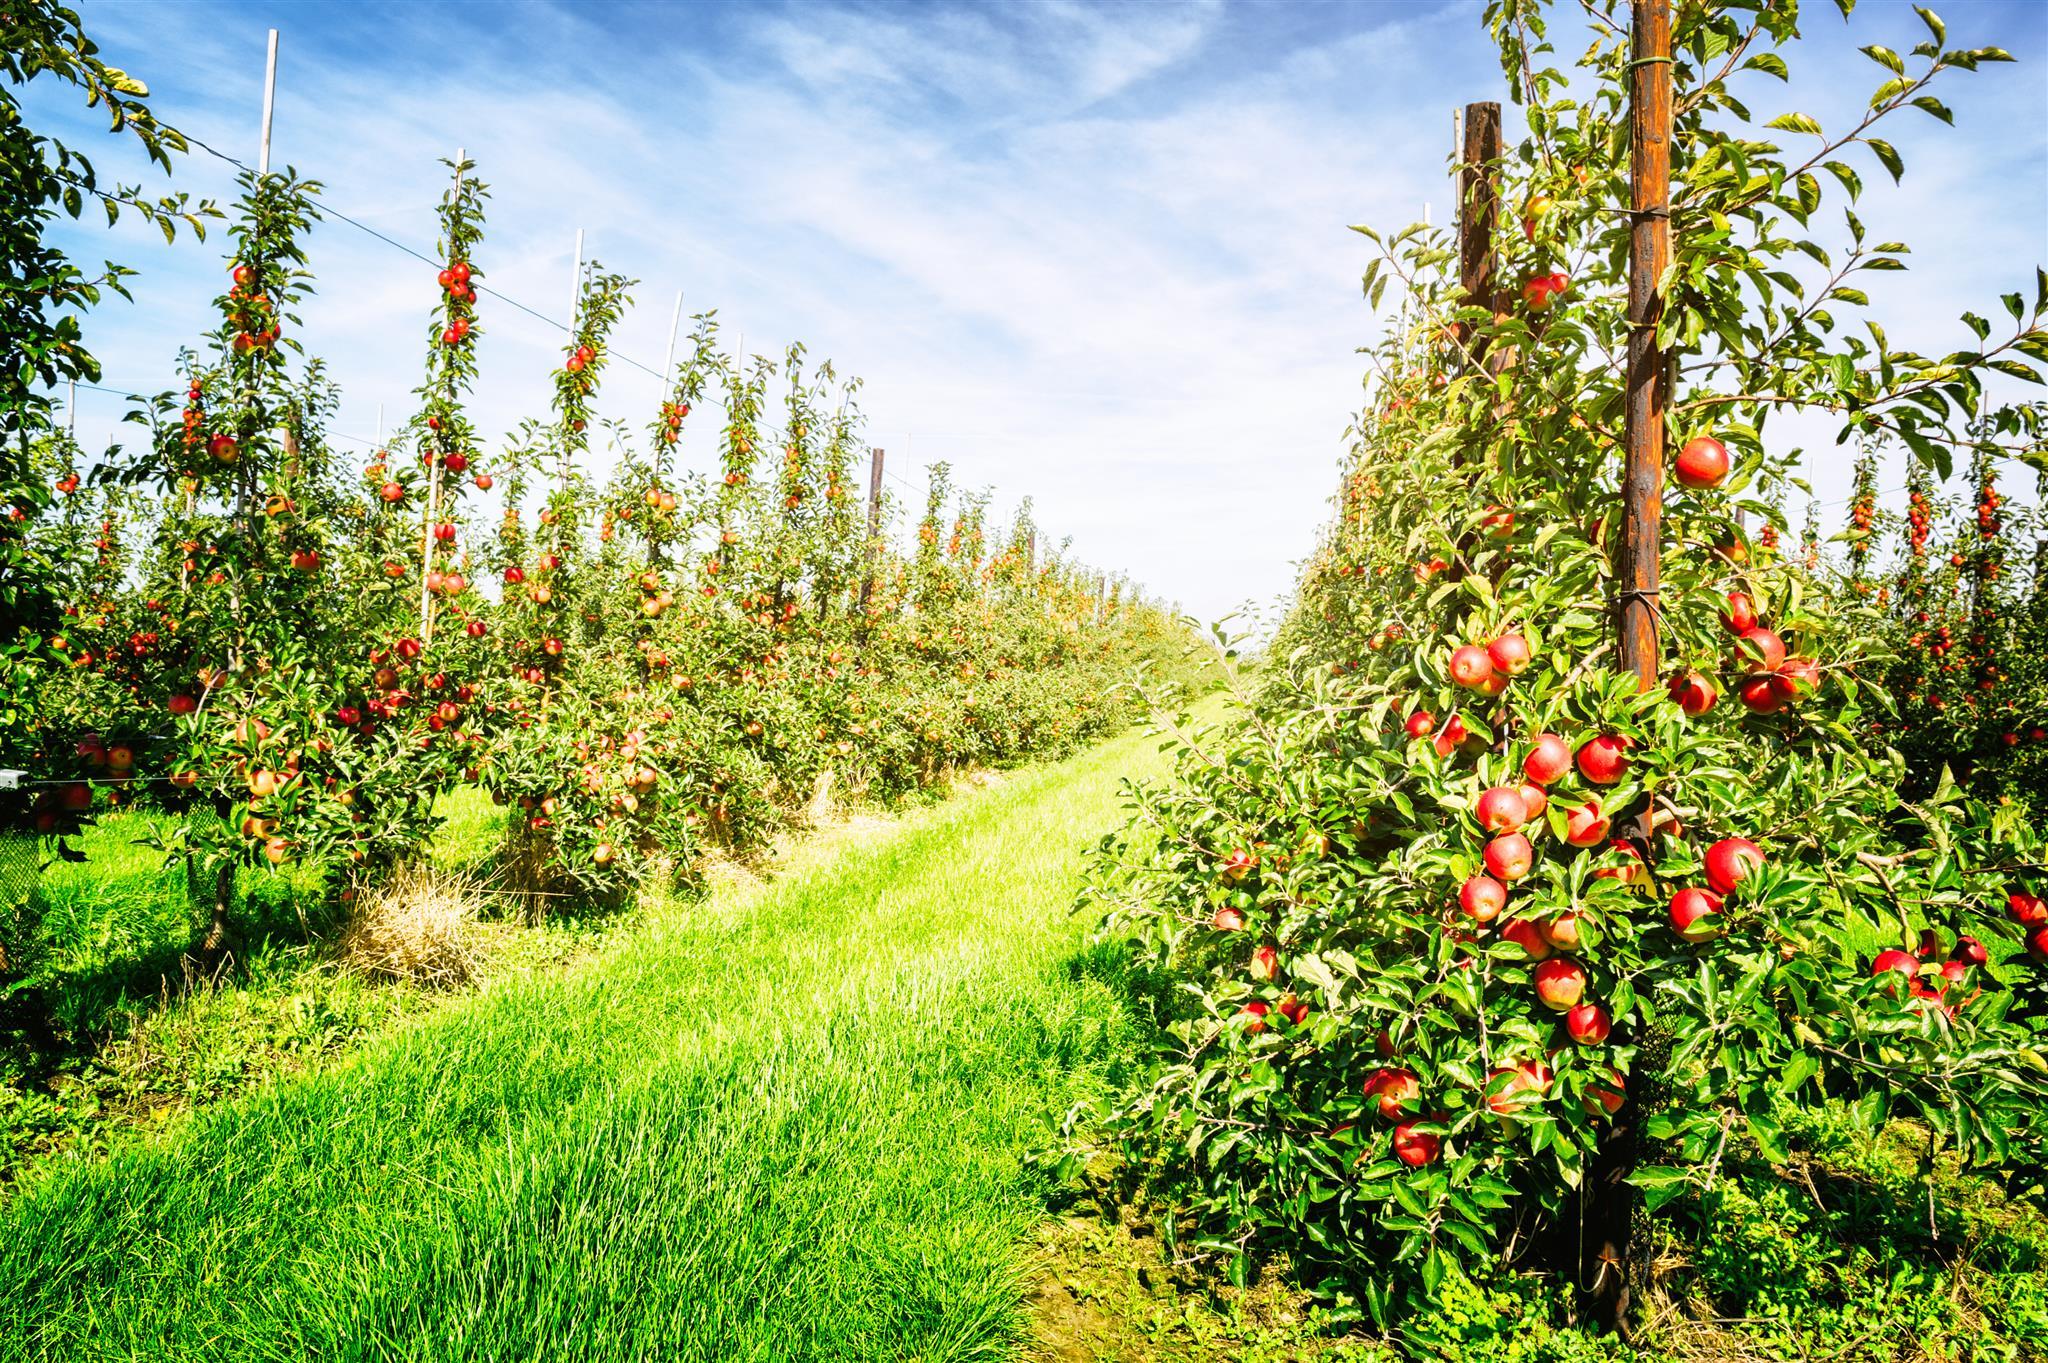 Cultura de pomares de Pomóideas (macieiras e pereiras)